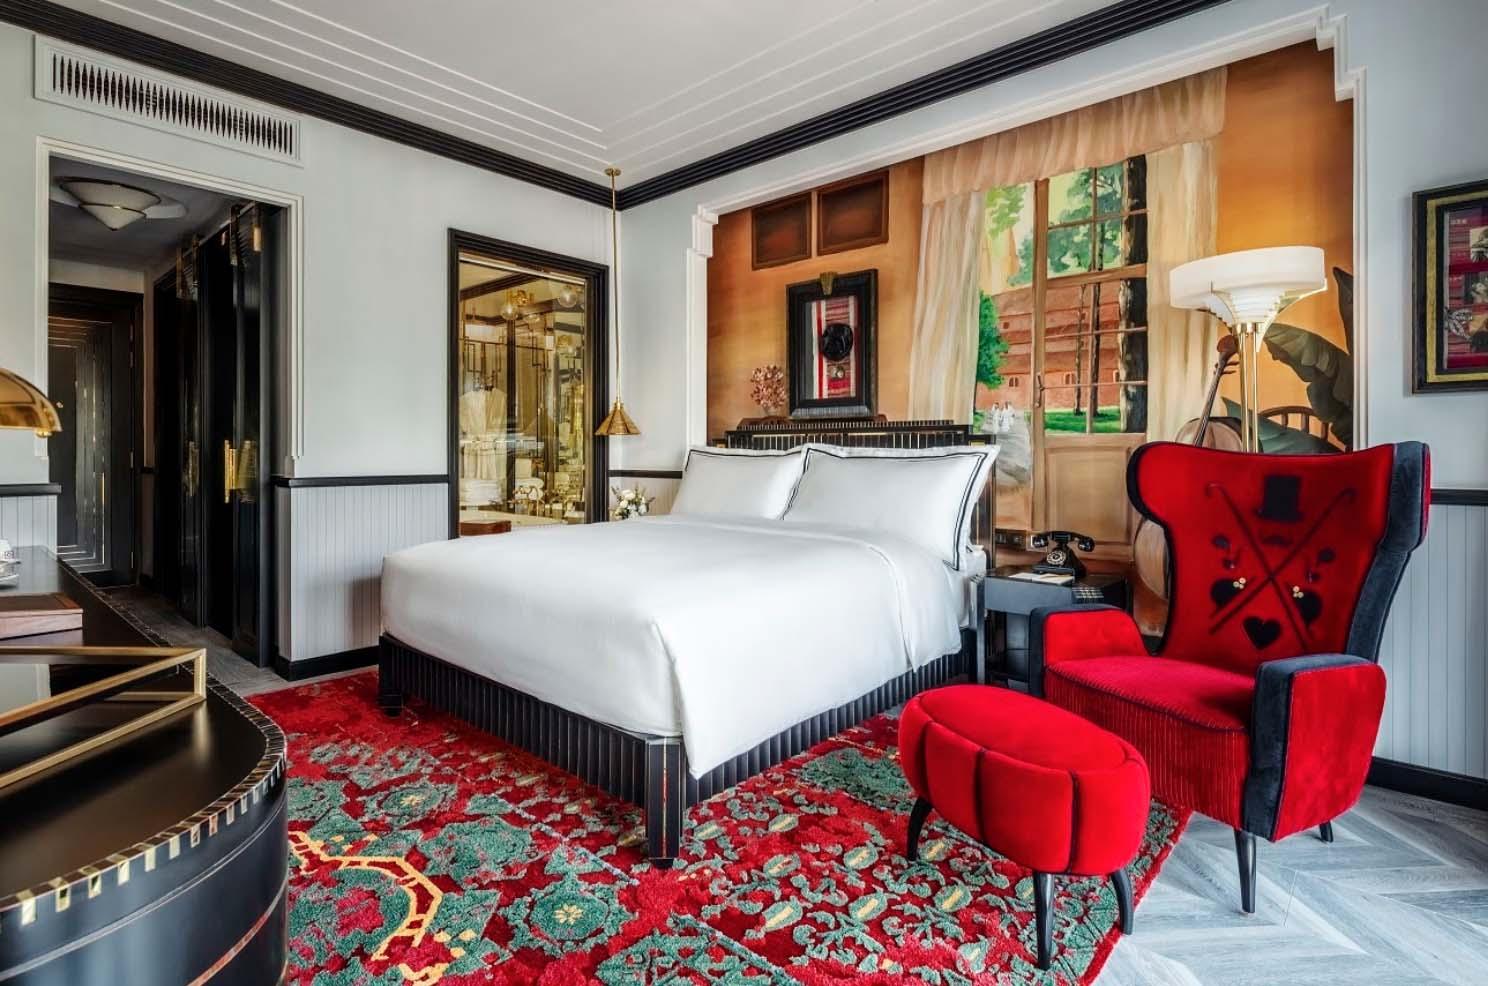 Tạp chí danh tiếng Mỹ gợi ý 2 khách sạn Việt Nam lọt top điểm đến tuyệt vời nhất thế giới 2021 - Ảnh 4.